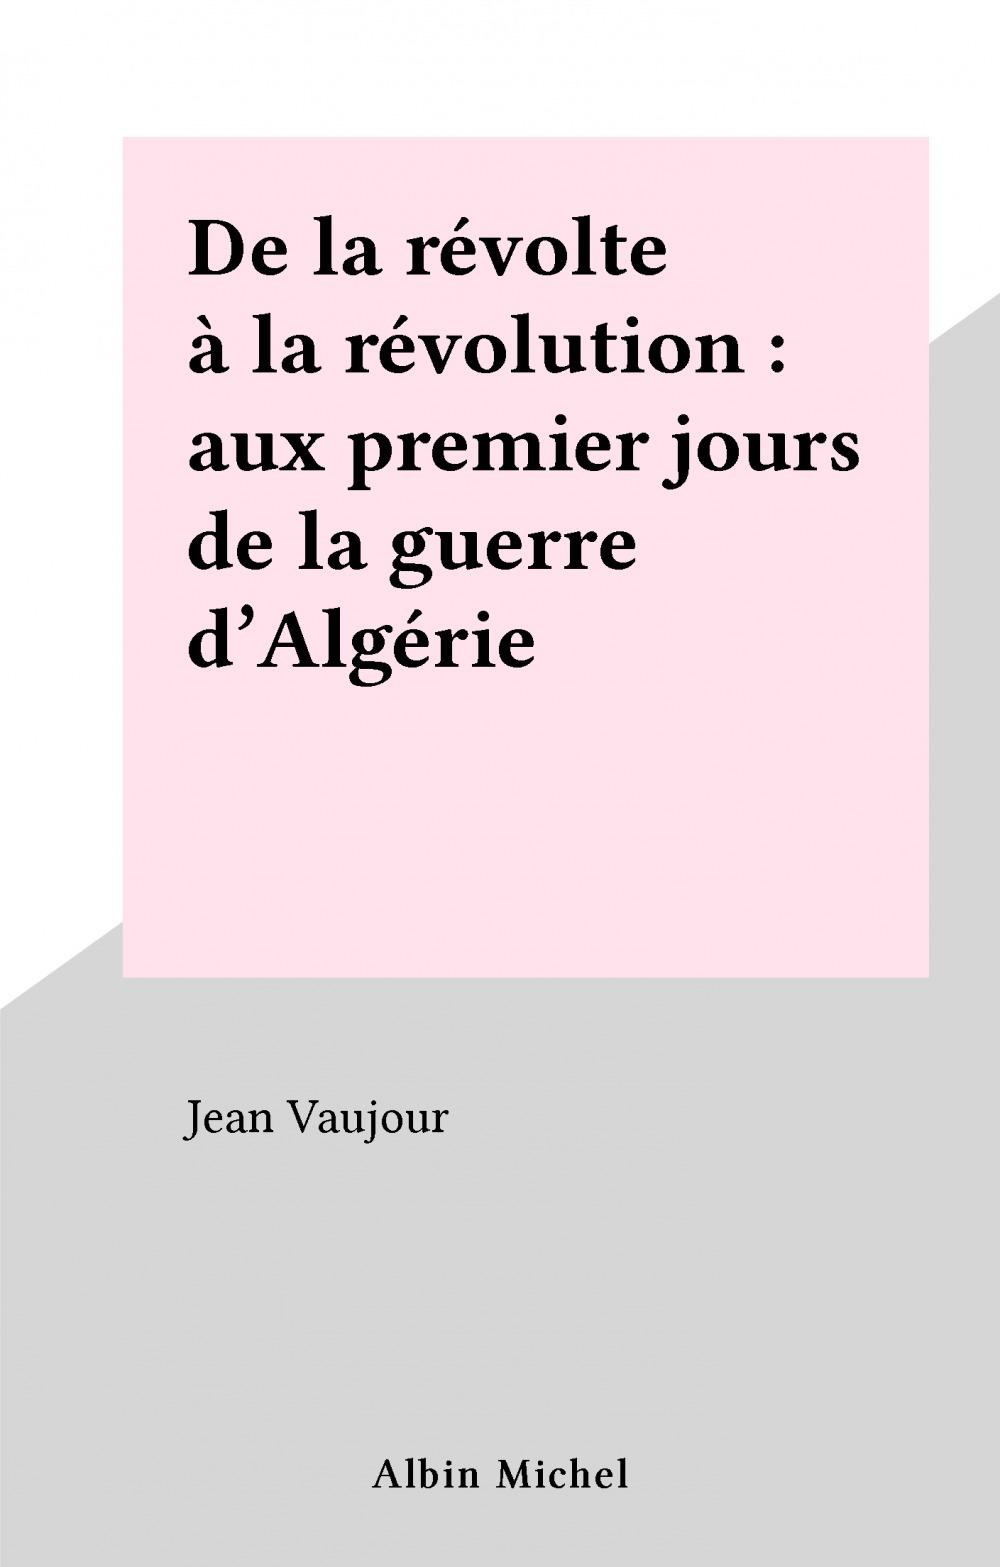 De la revolte a la revolution. aux premiers jours de la guerre d'algerie